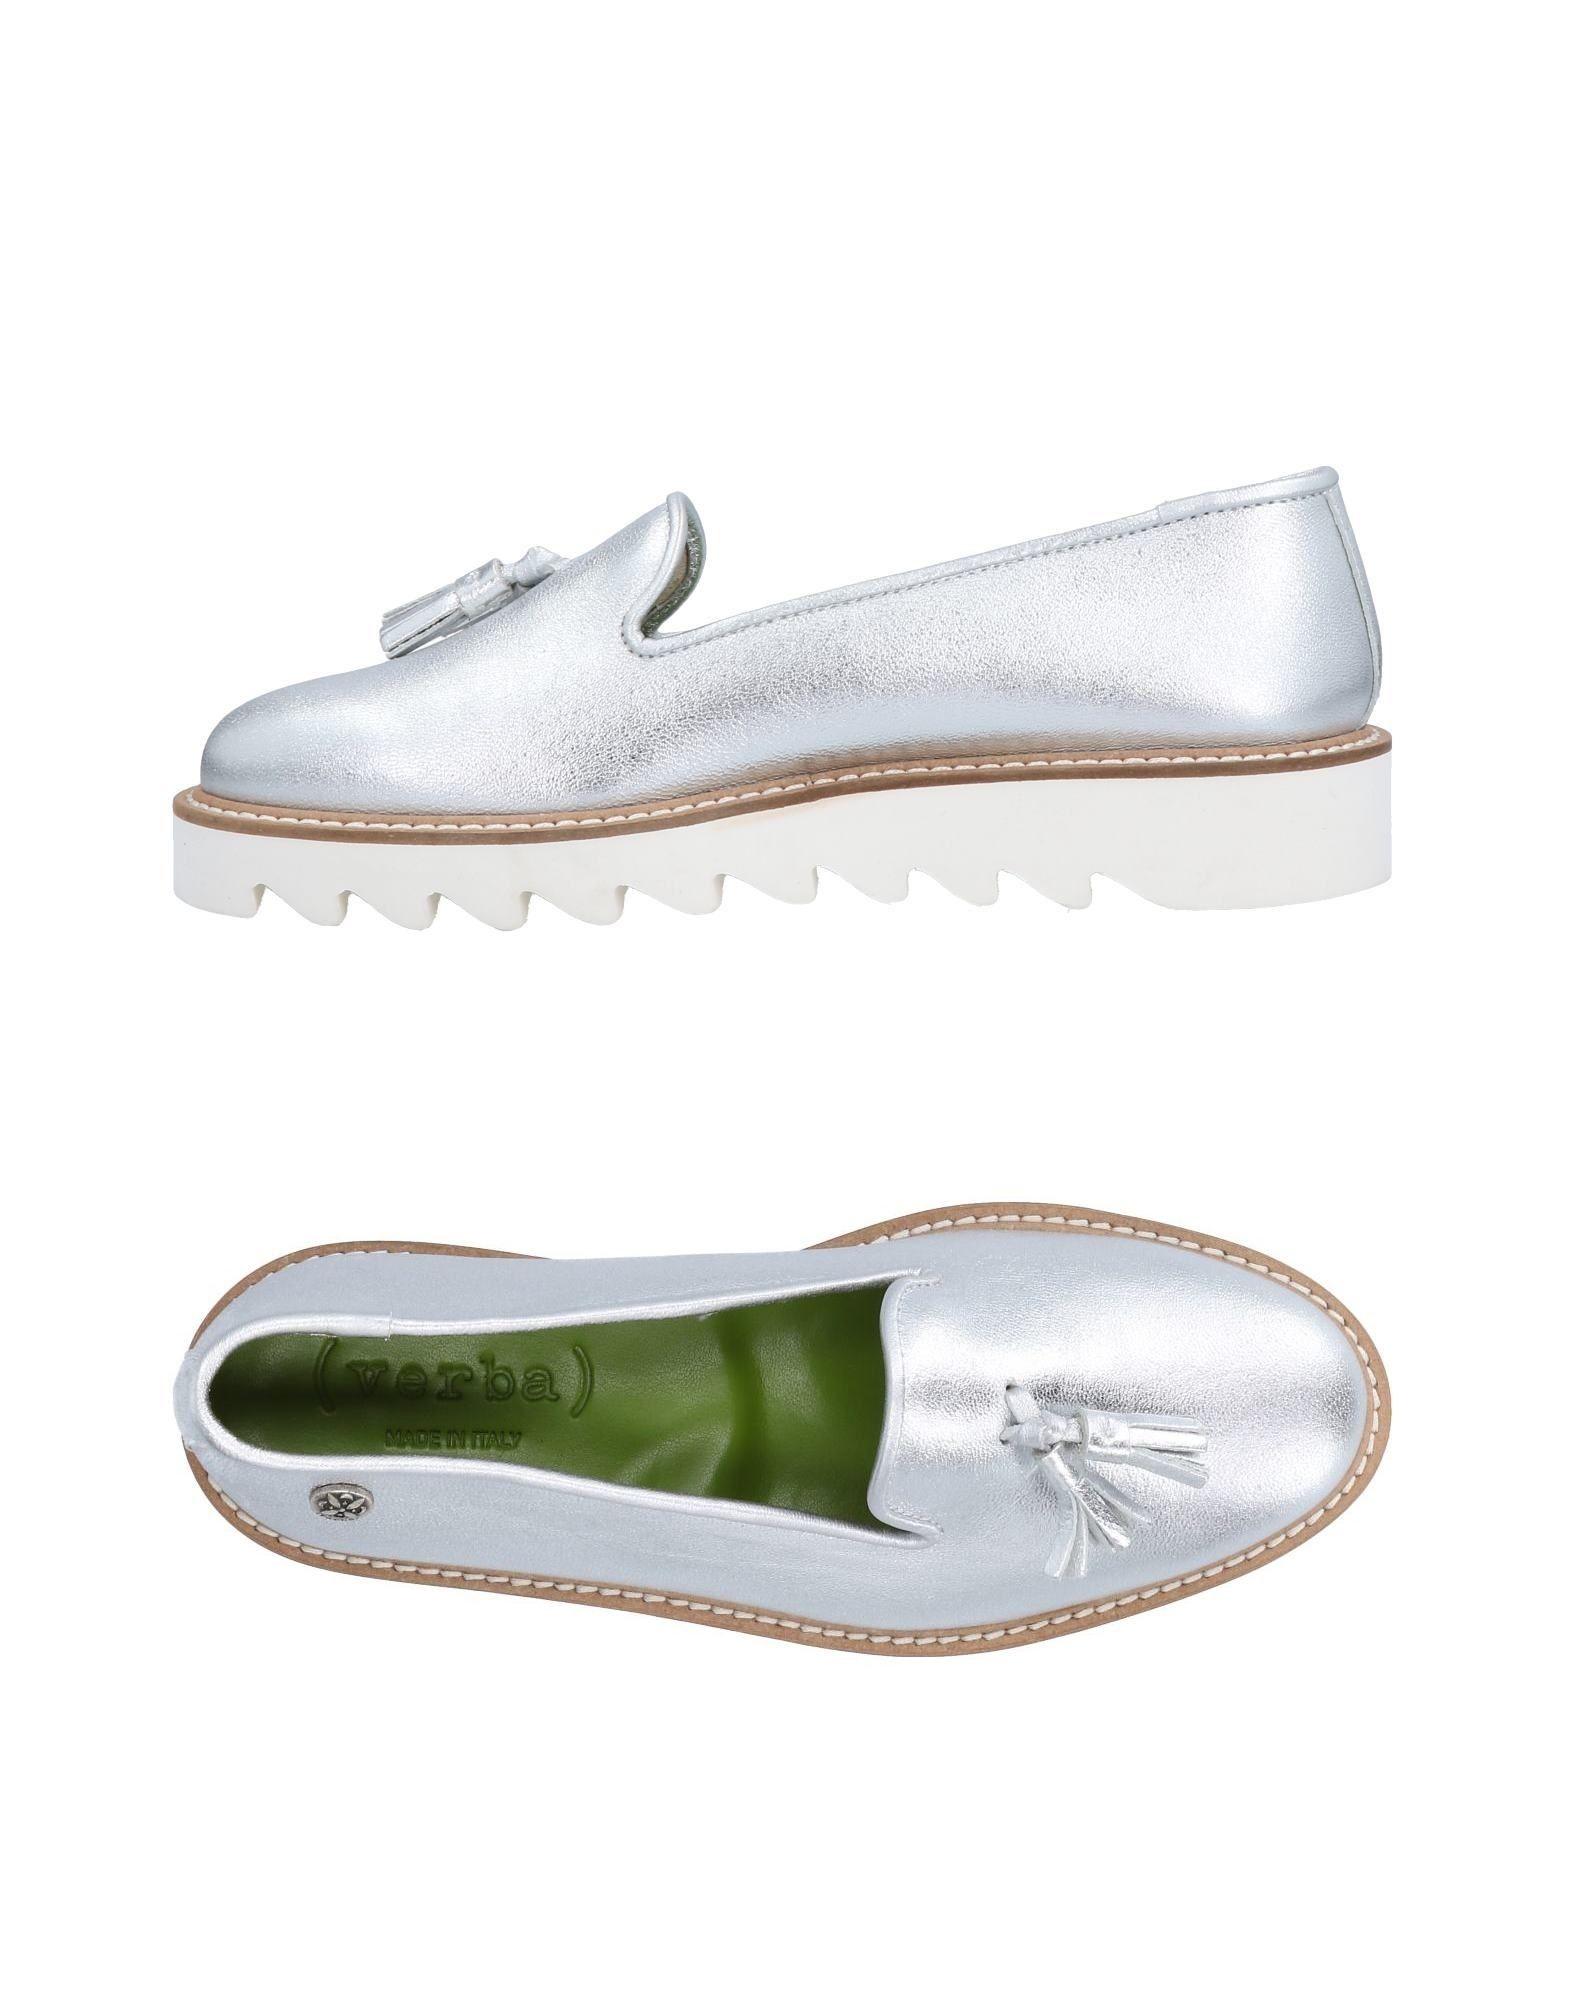 ( Verba ) Mokassins Damen  11504493FP Gute Qualität beliebte Schuhe